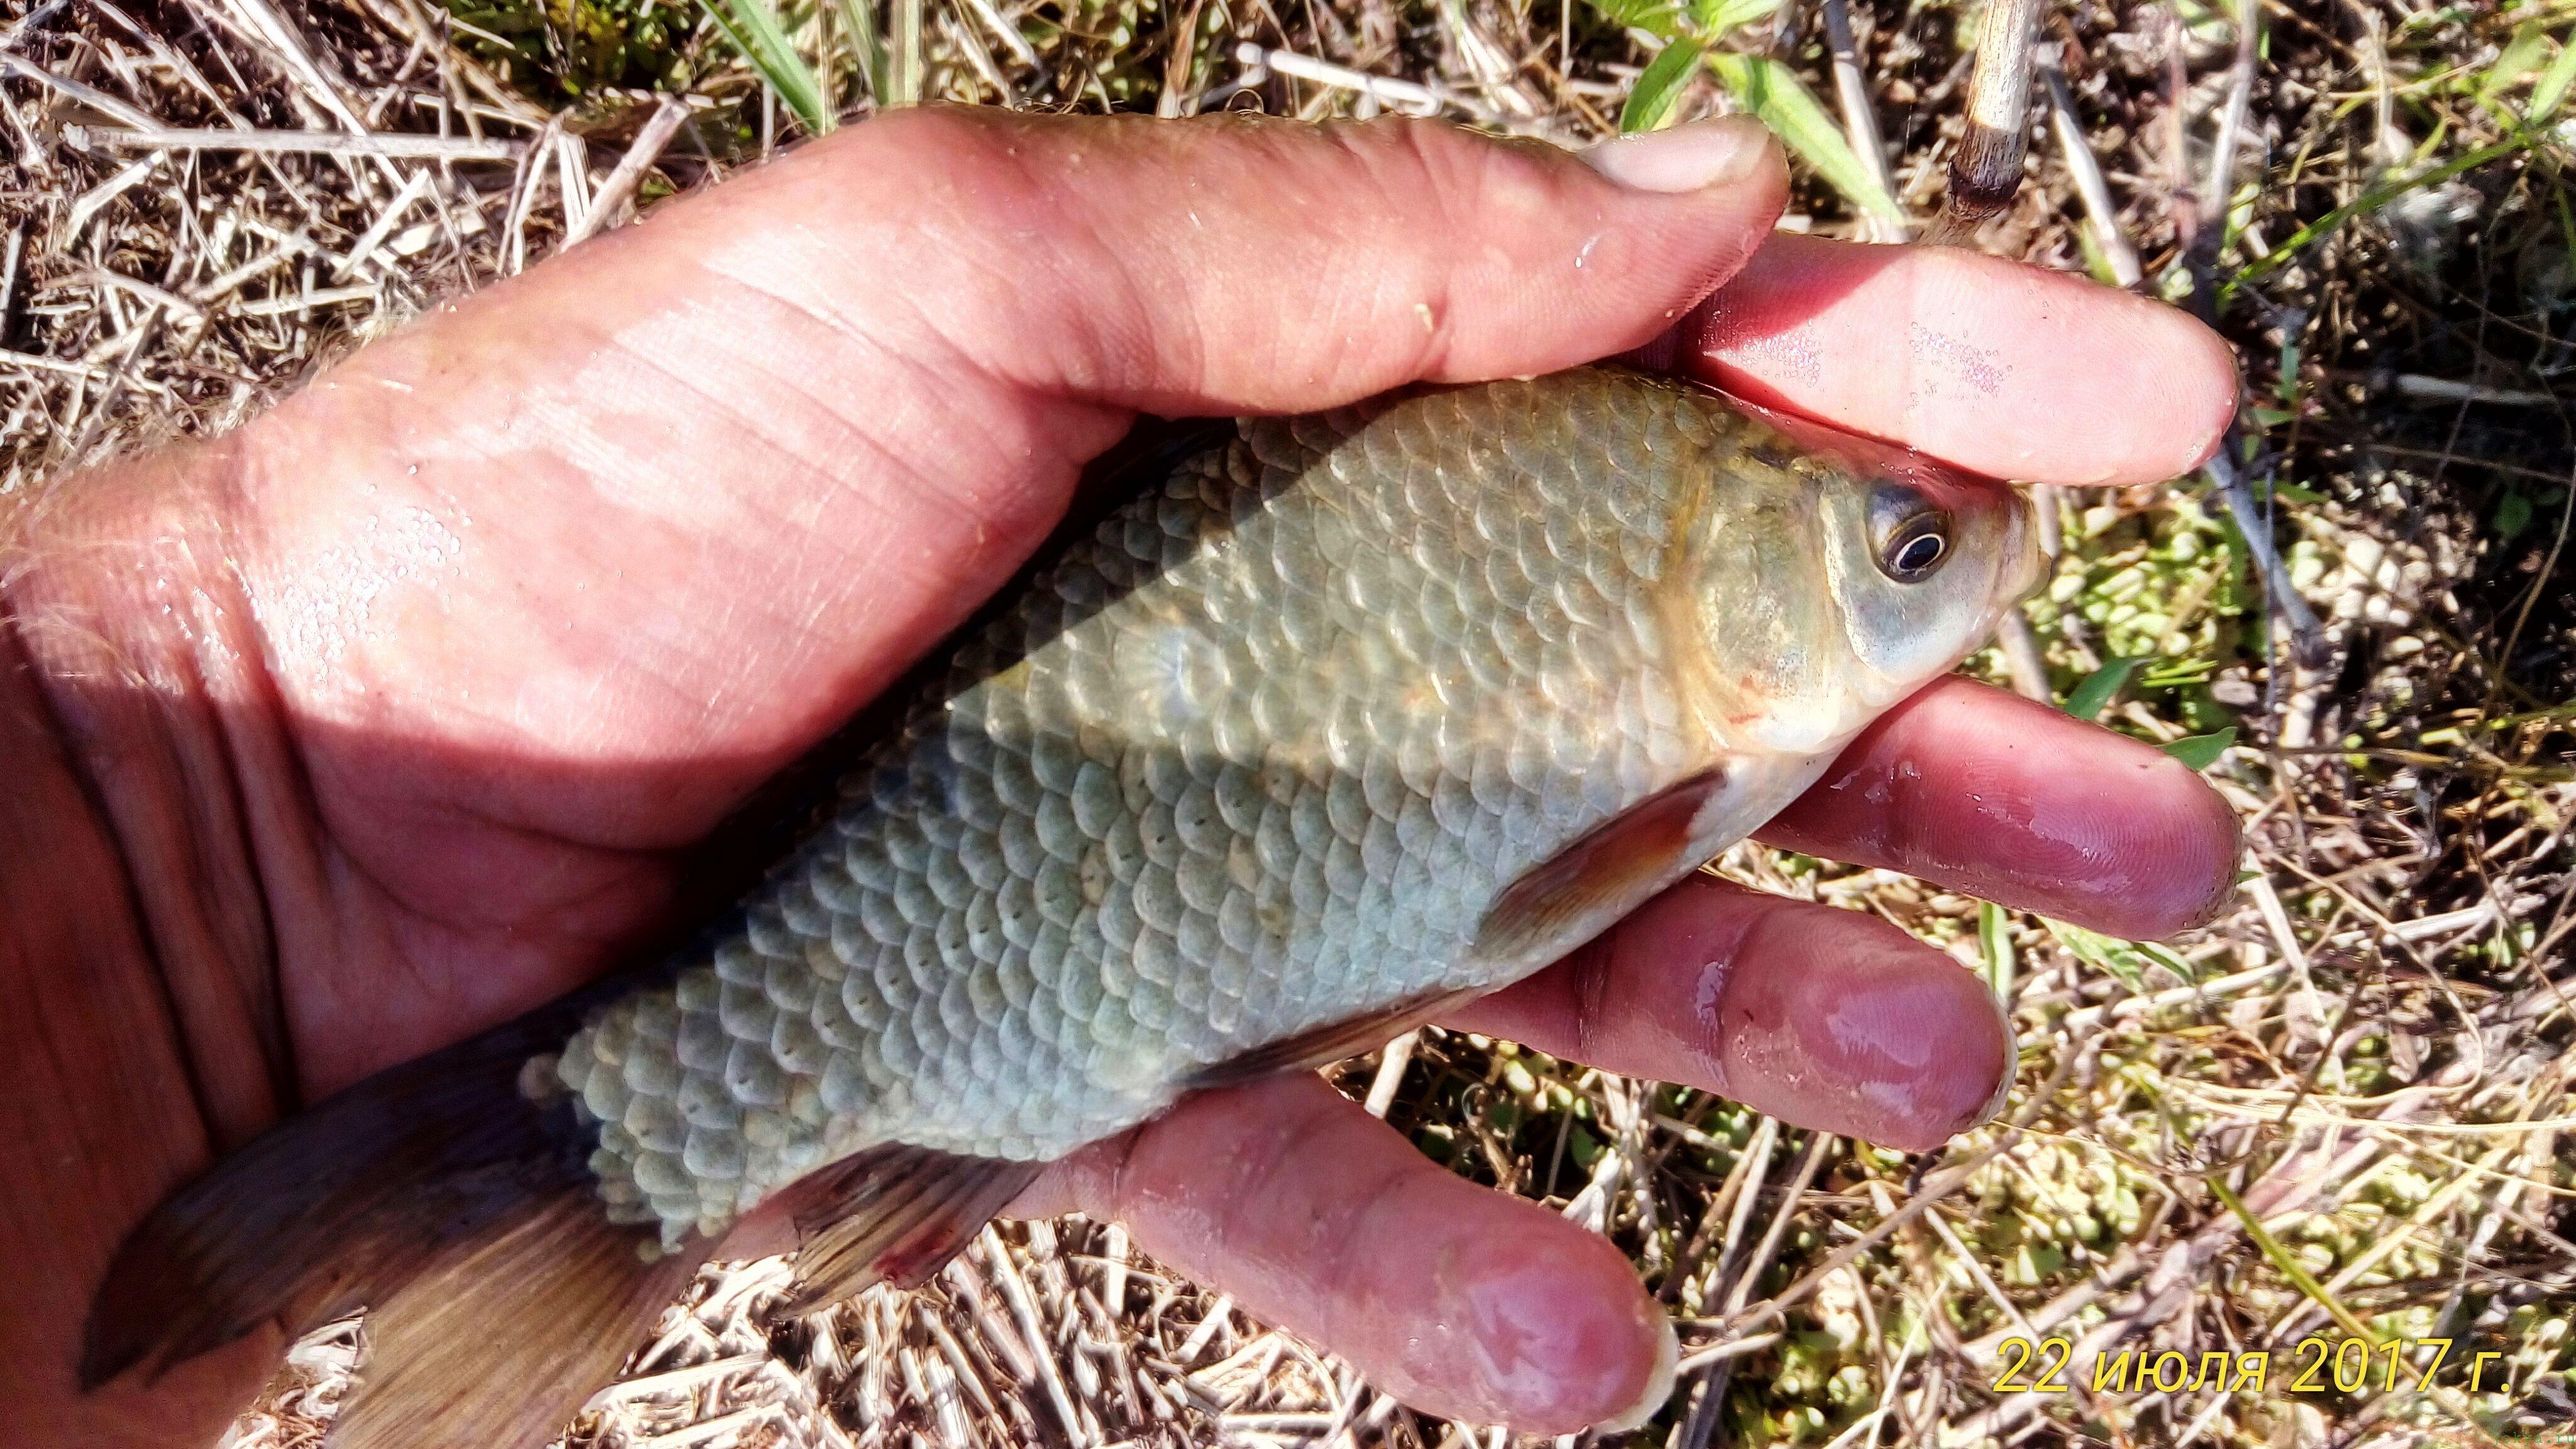 Рыбалка с берега на удочку фото заметка о моей реальности в Крыму jokya.ru